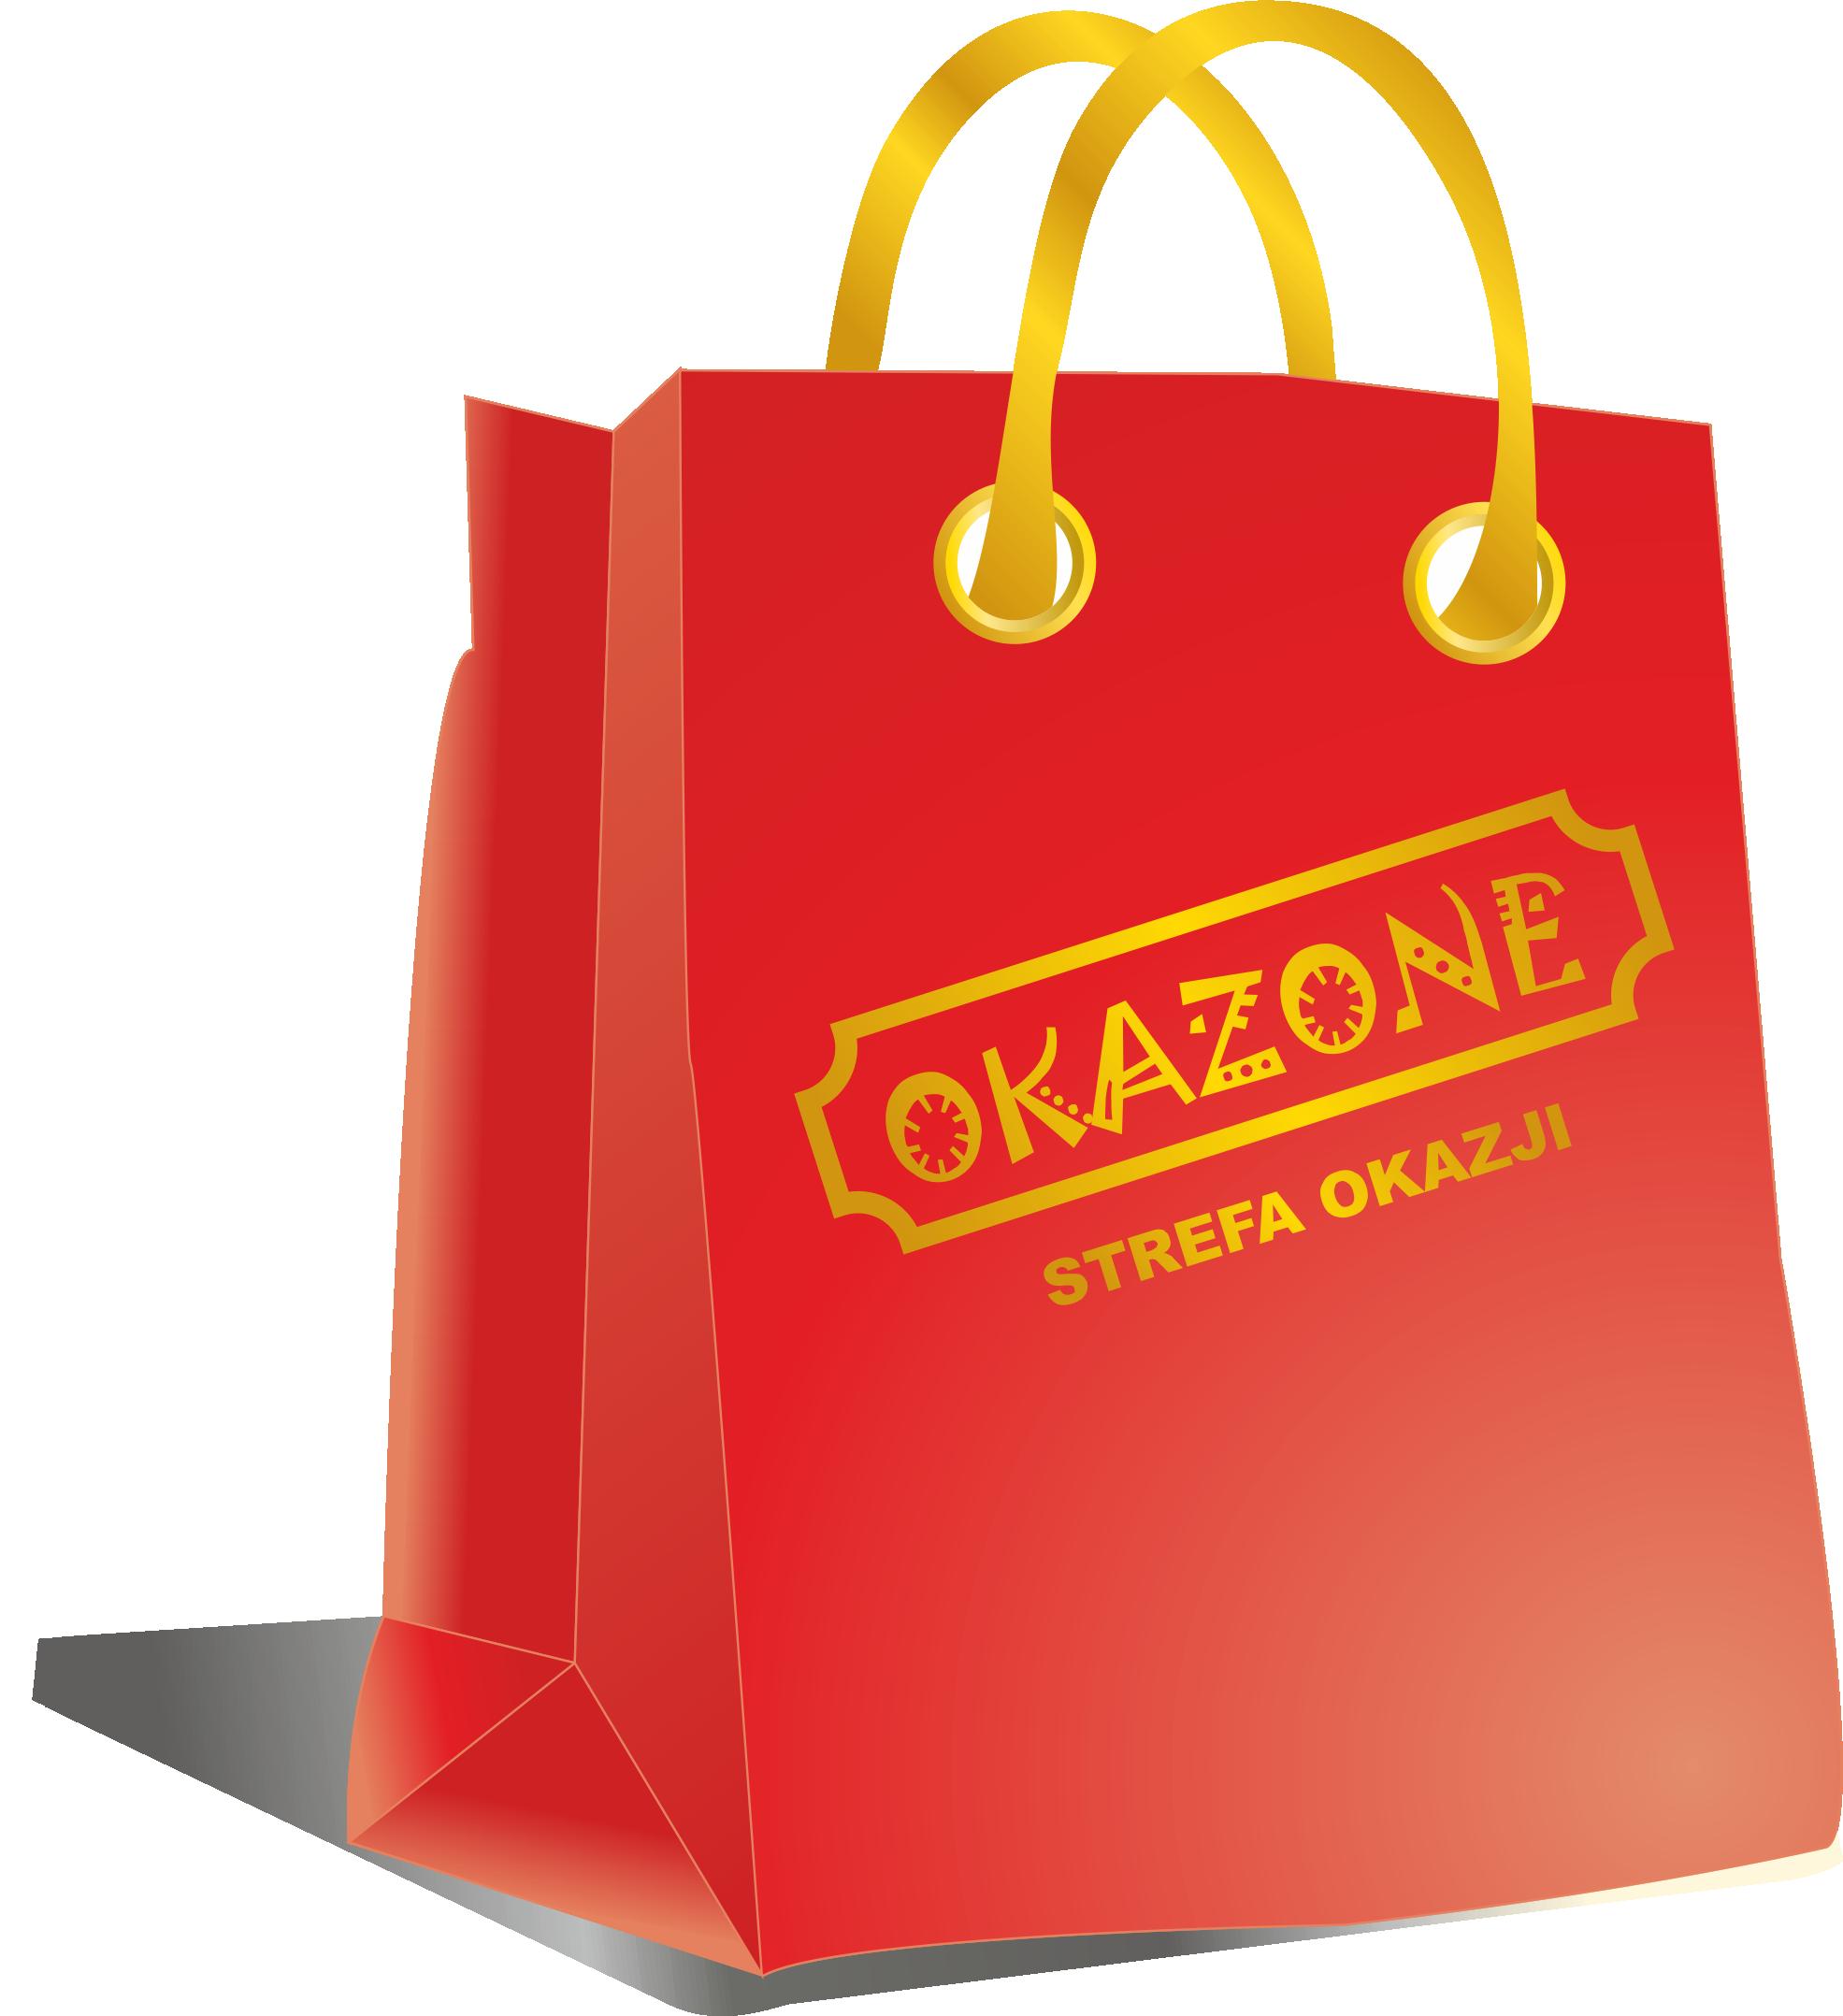 okazone